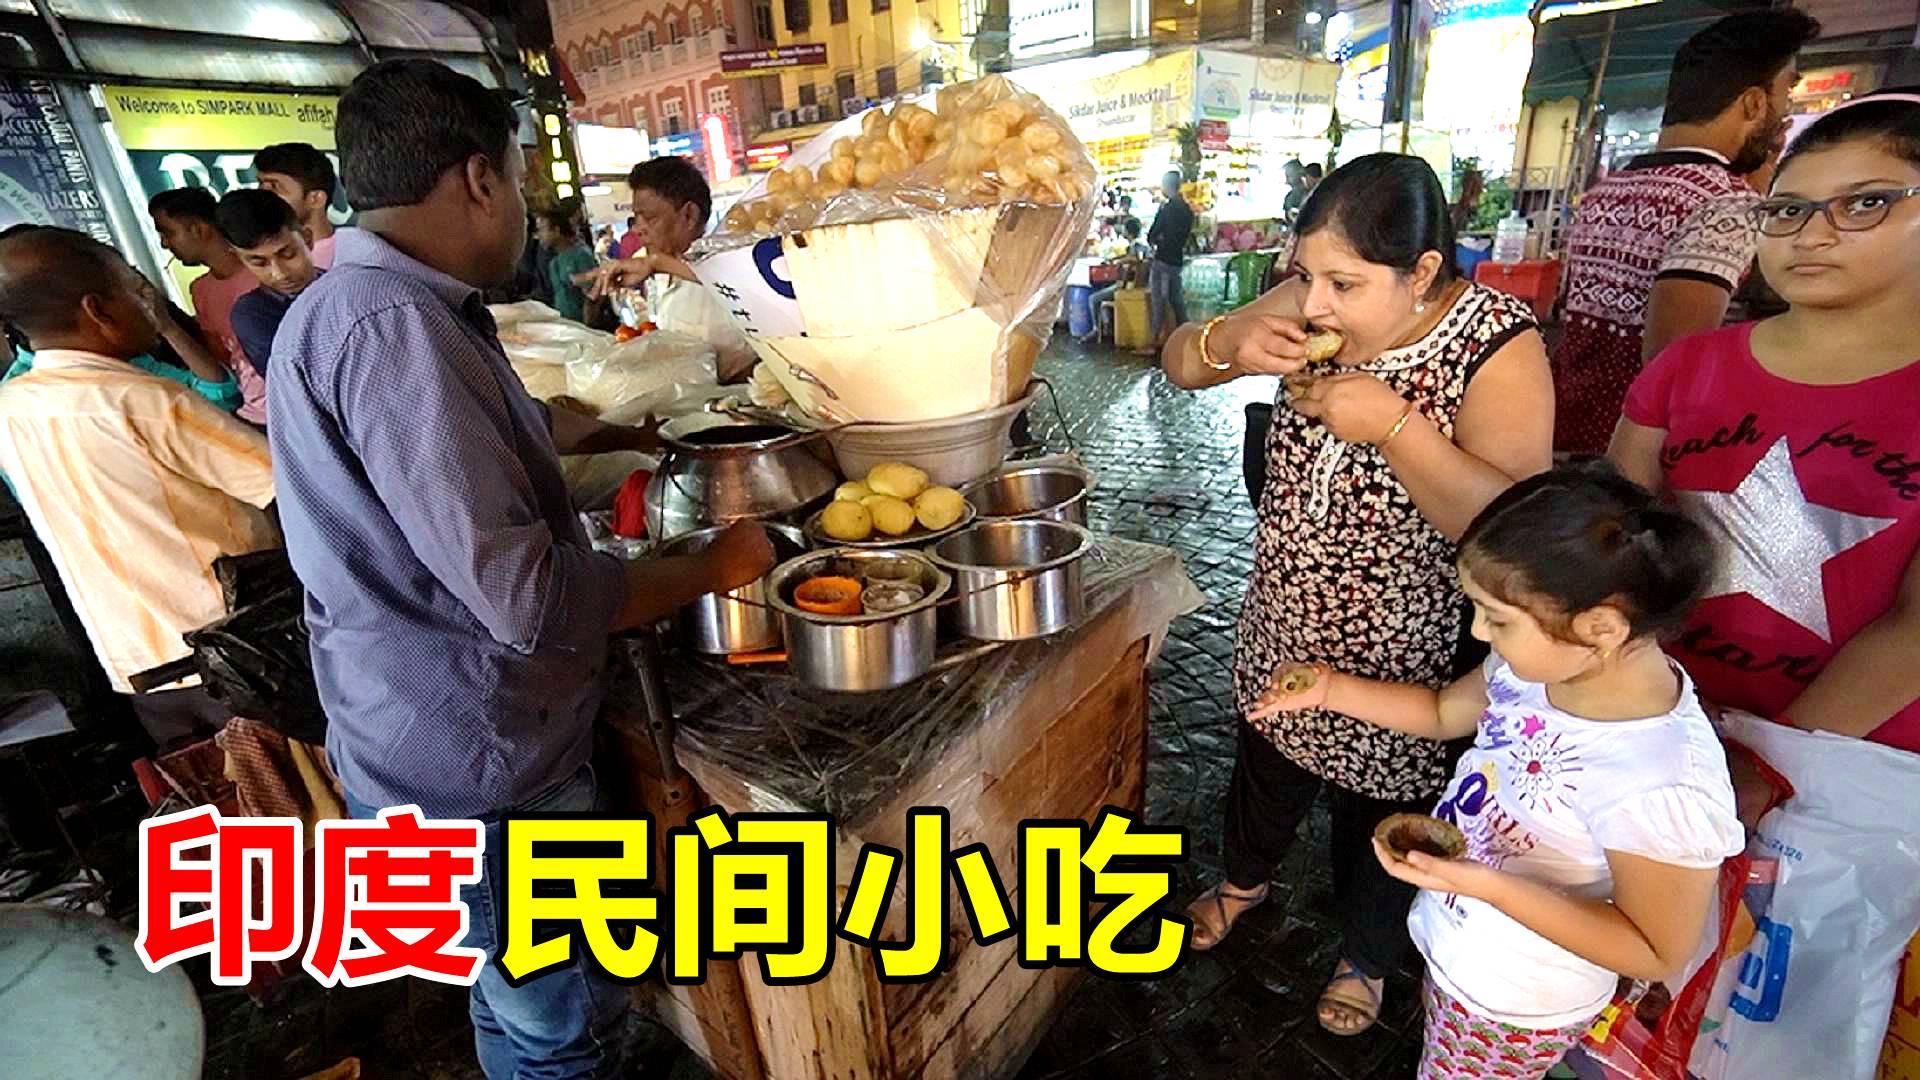 印度人吃什么零食?中国小哥去印度,拍摄于印度美食一条街